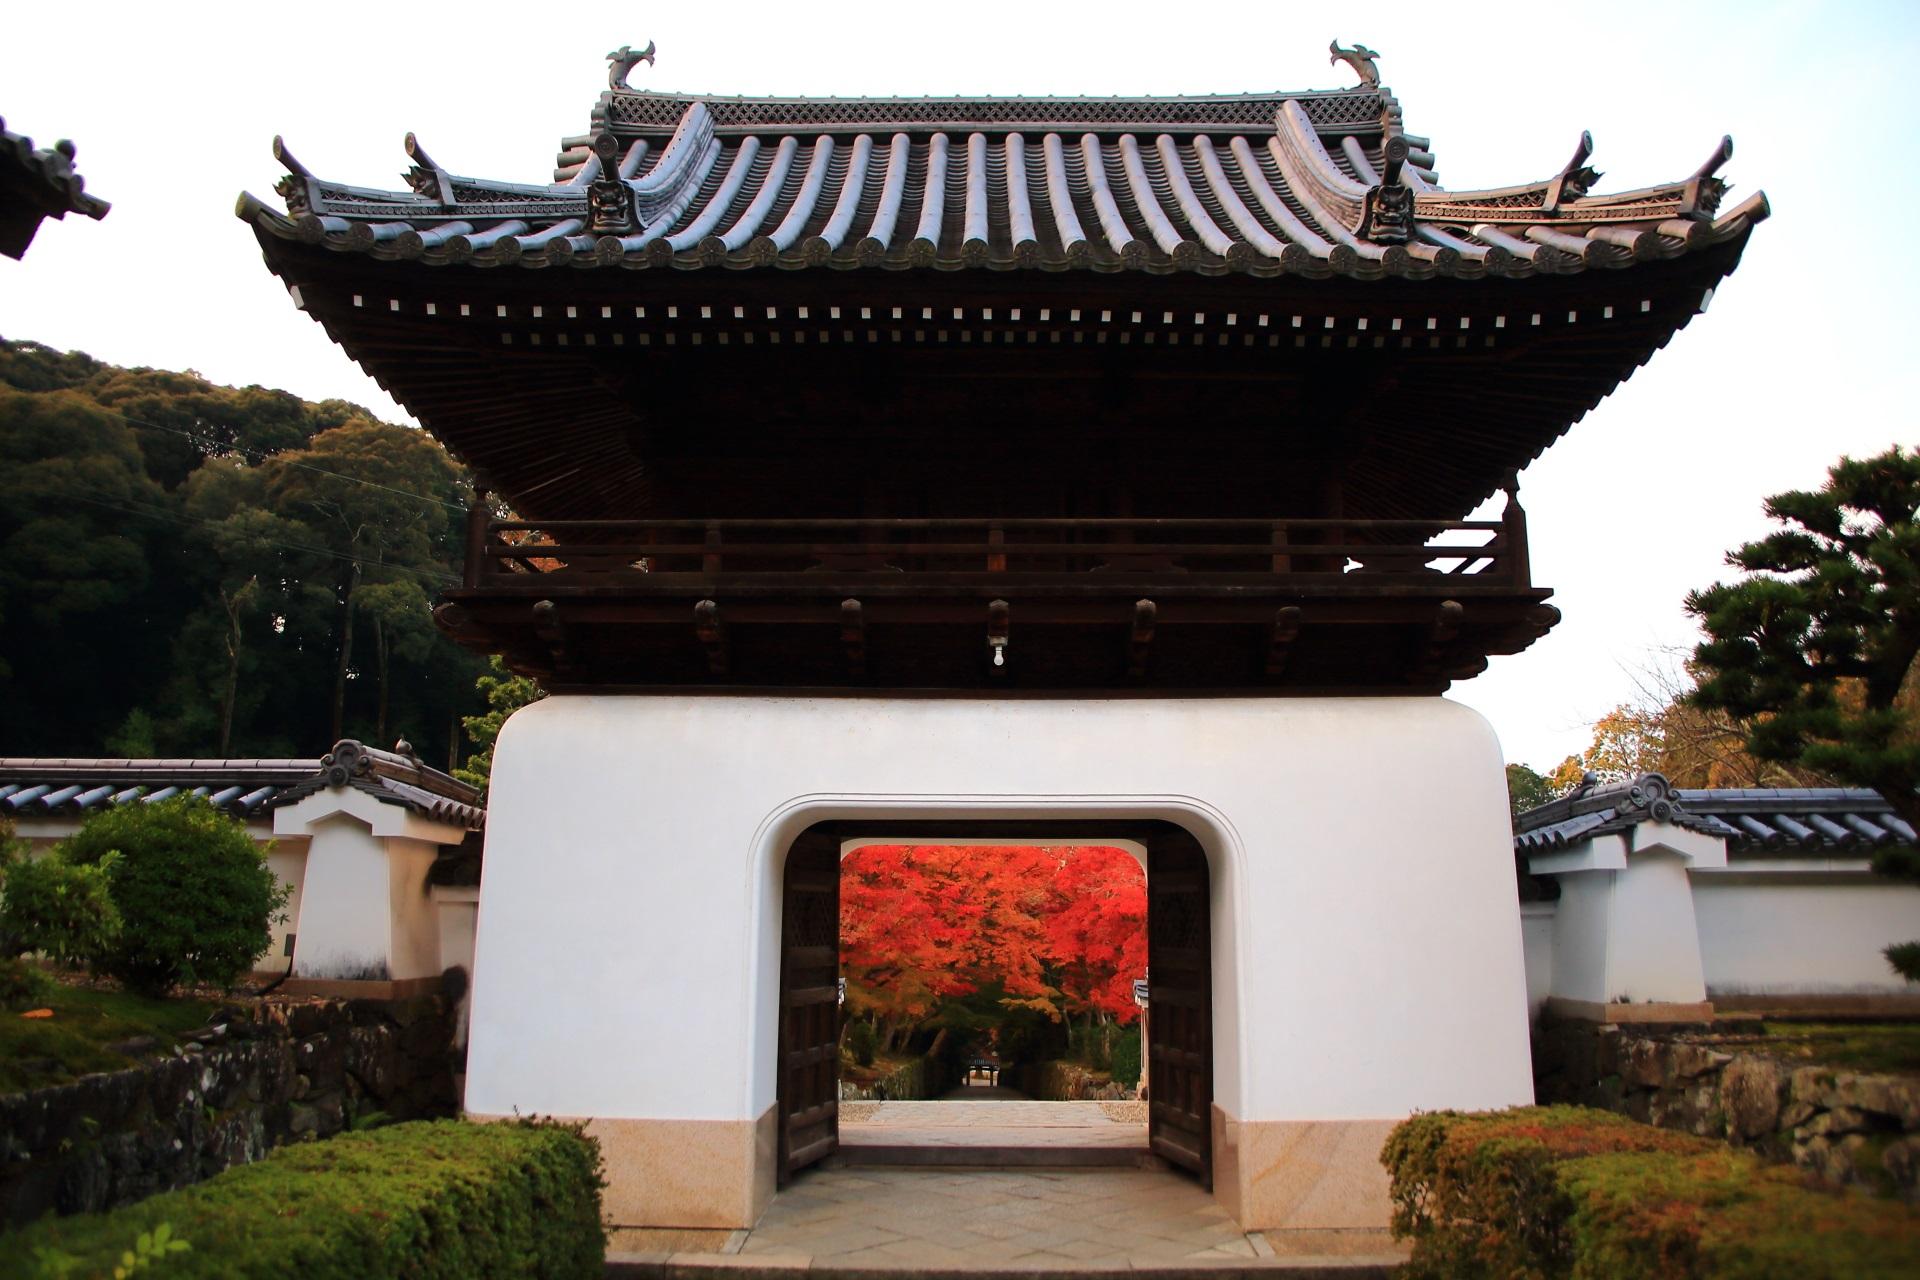 興聖寺の龍宮門から見える琴坂の見事な秋色の光景